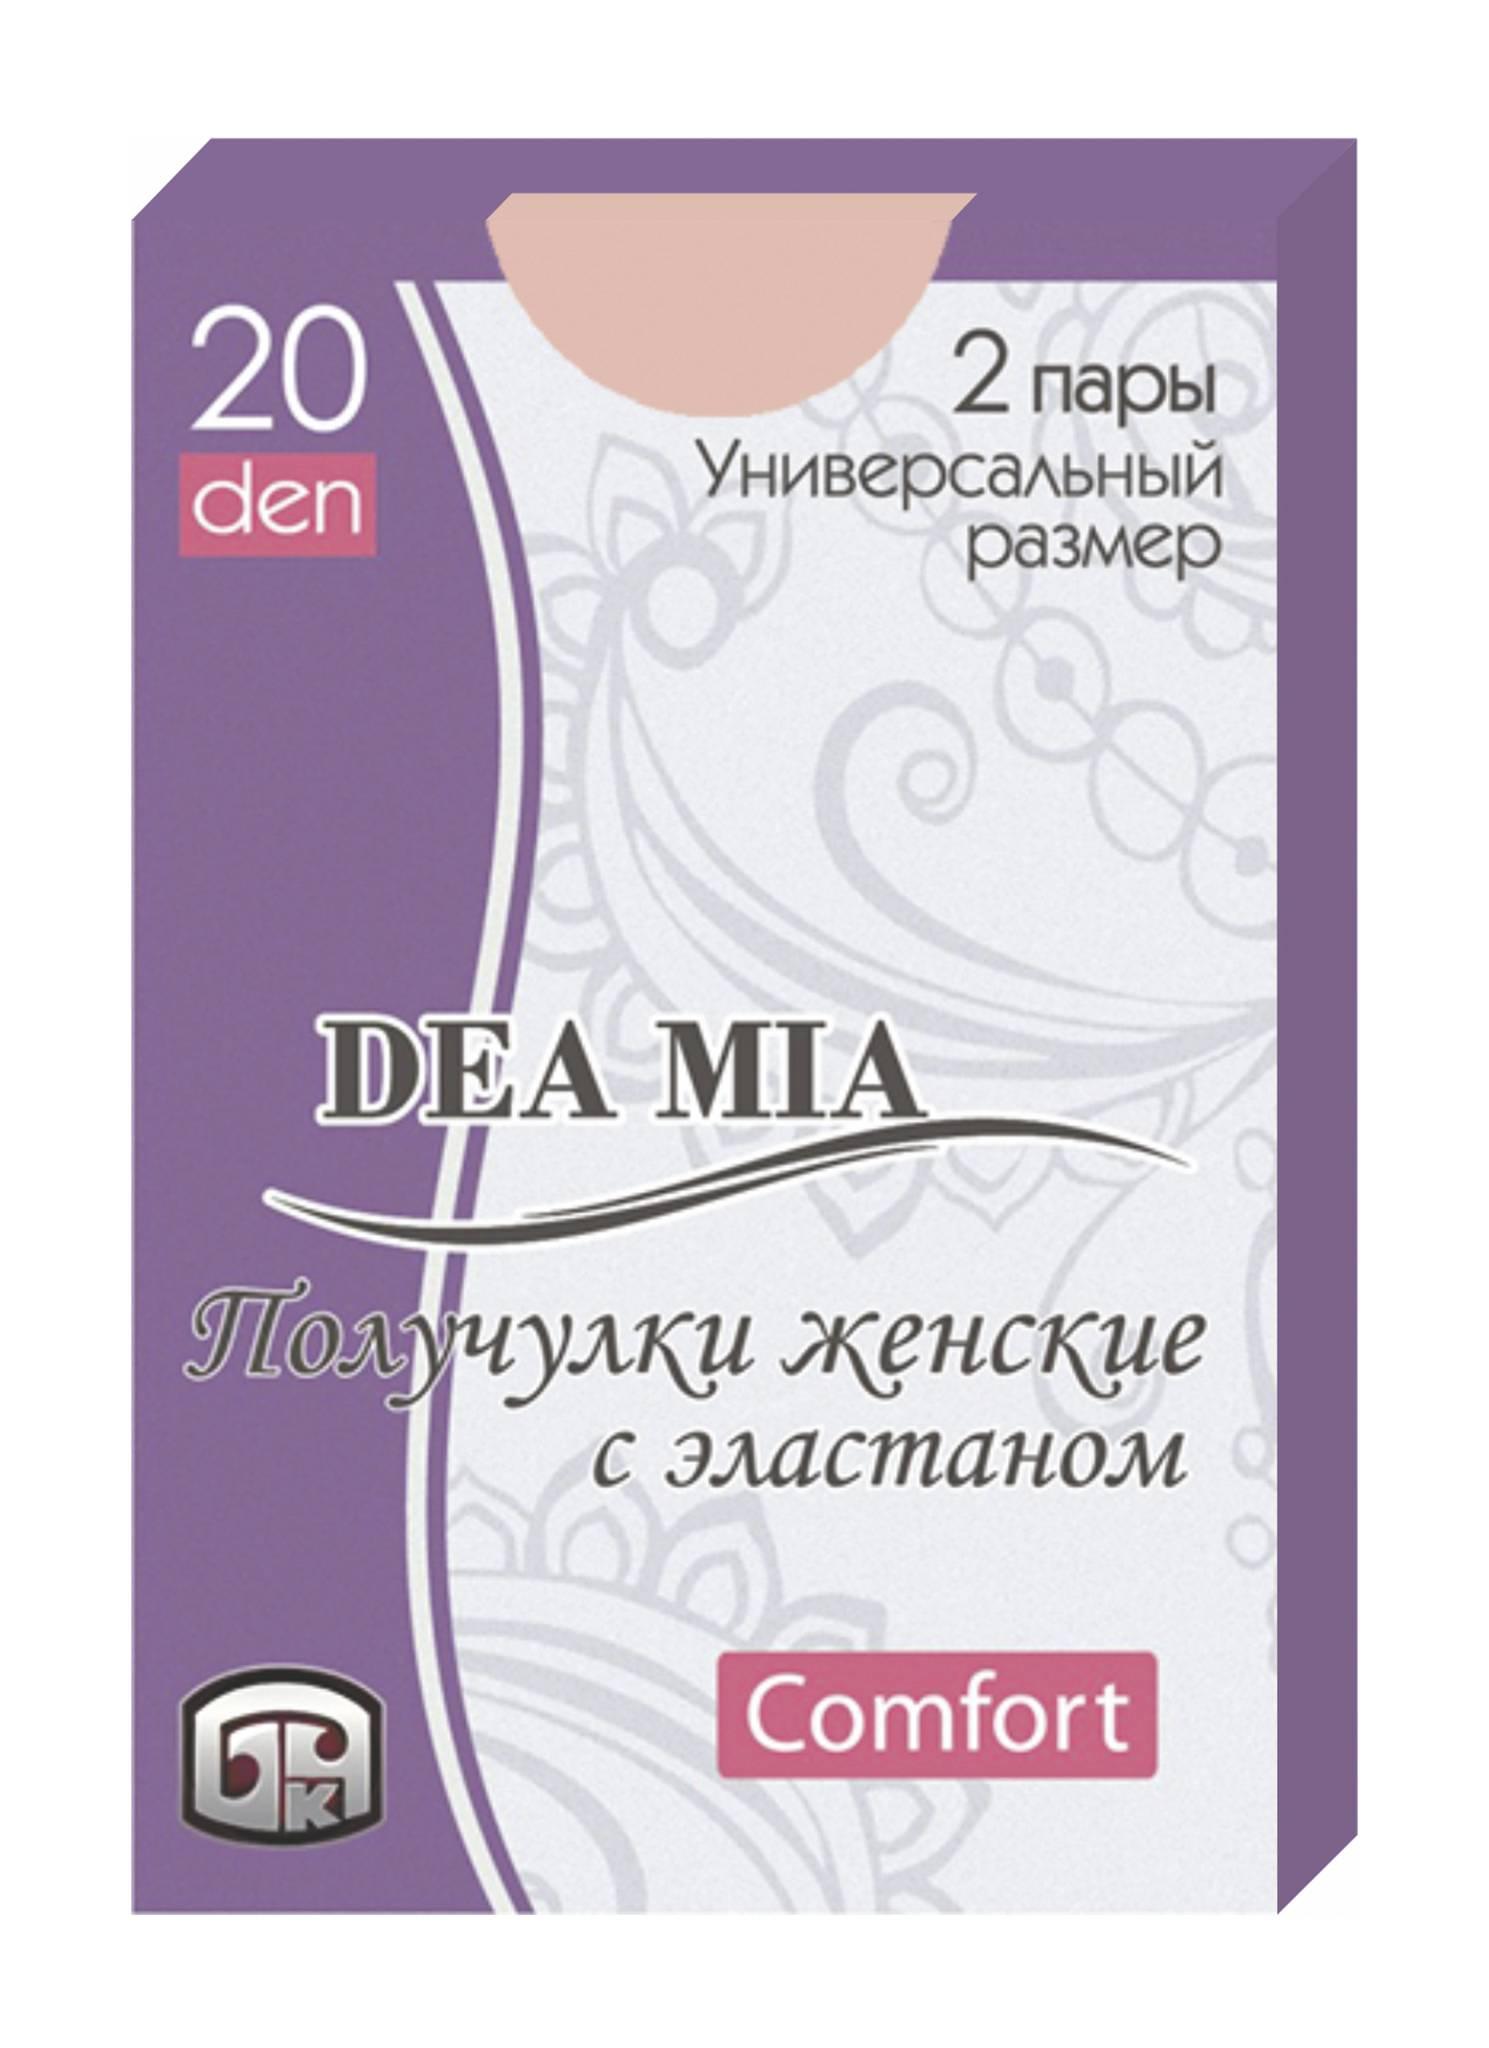 Получулки женские 1434 DEA MIA COMFORT 20